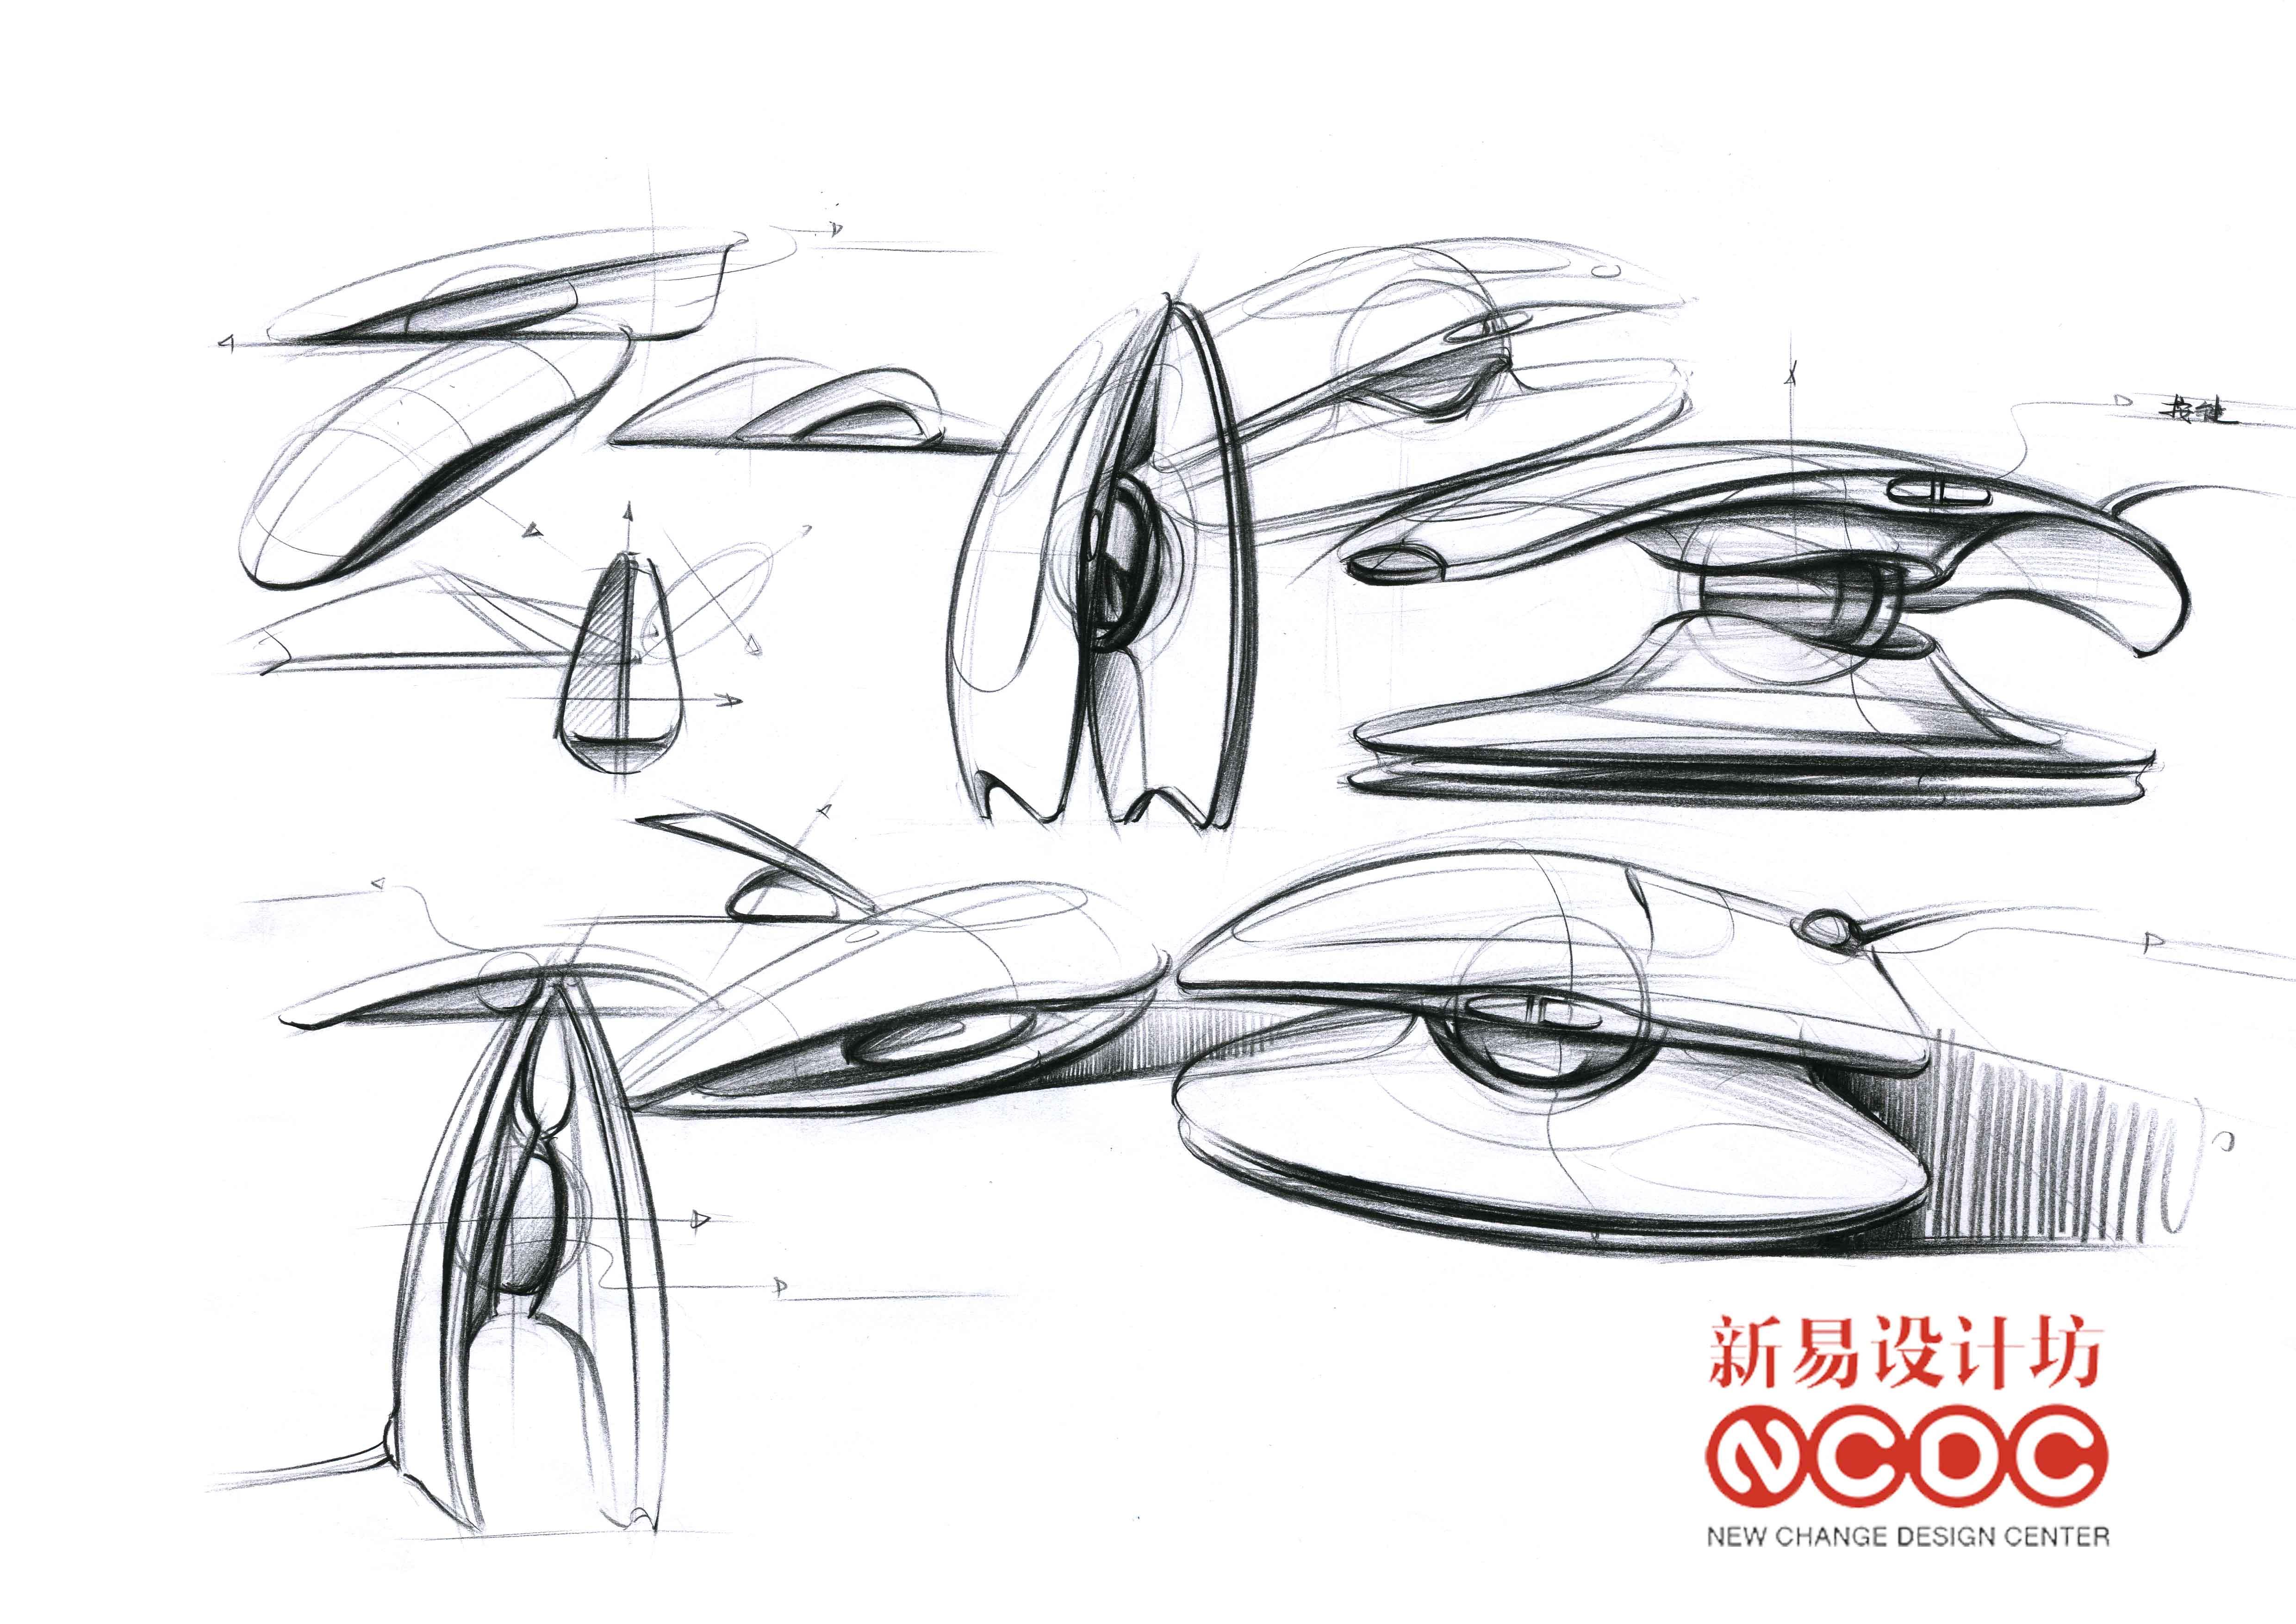 新易设计坊;工业设计手绘;手绘超精致表达图片